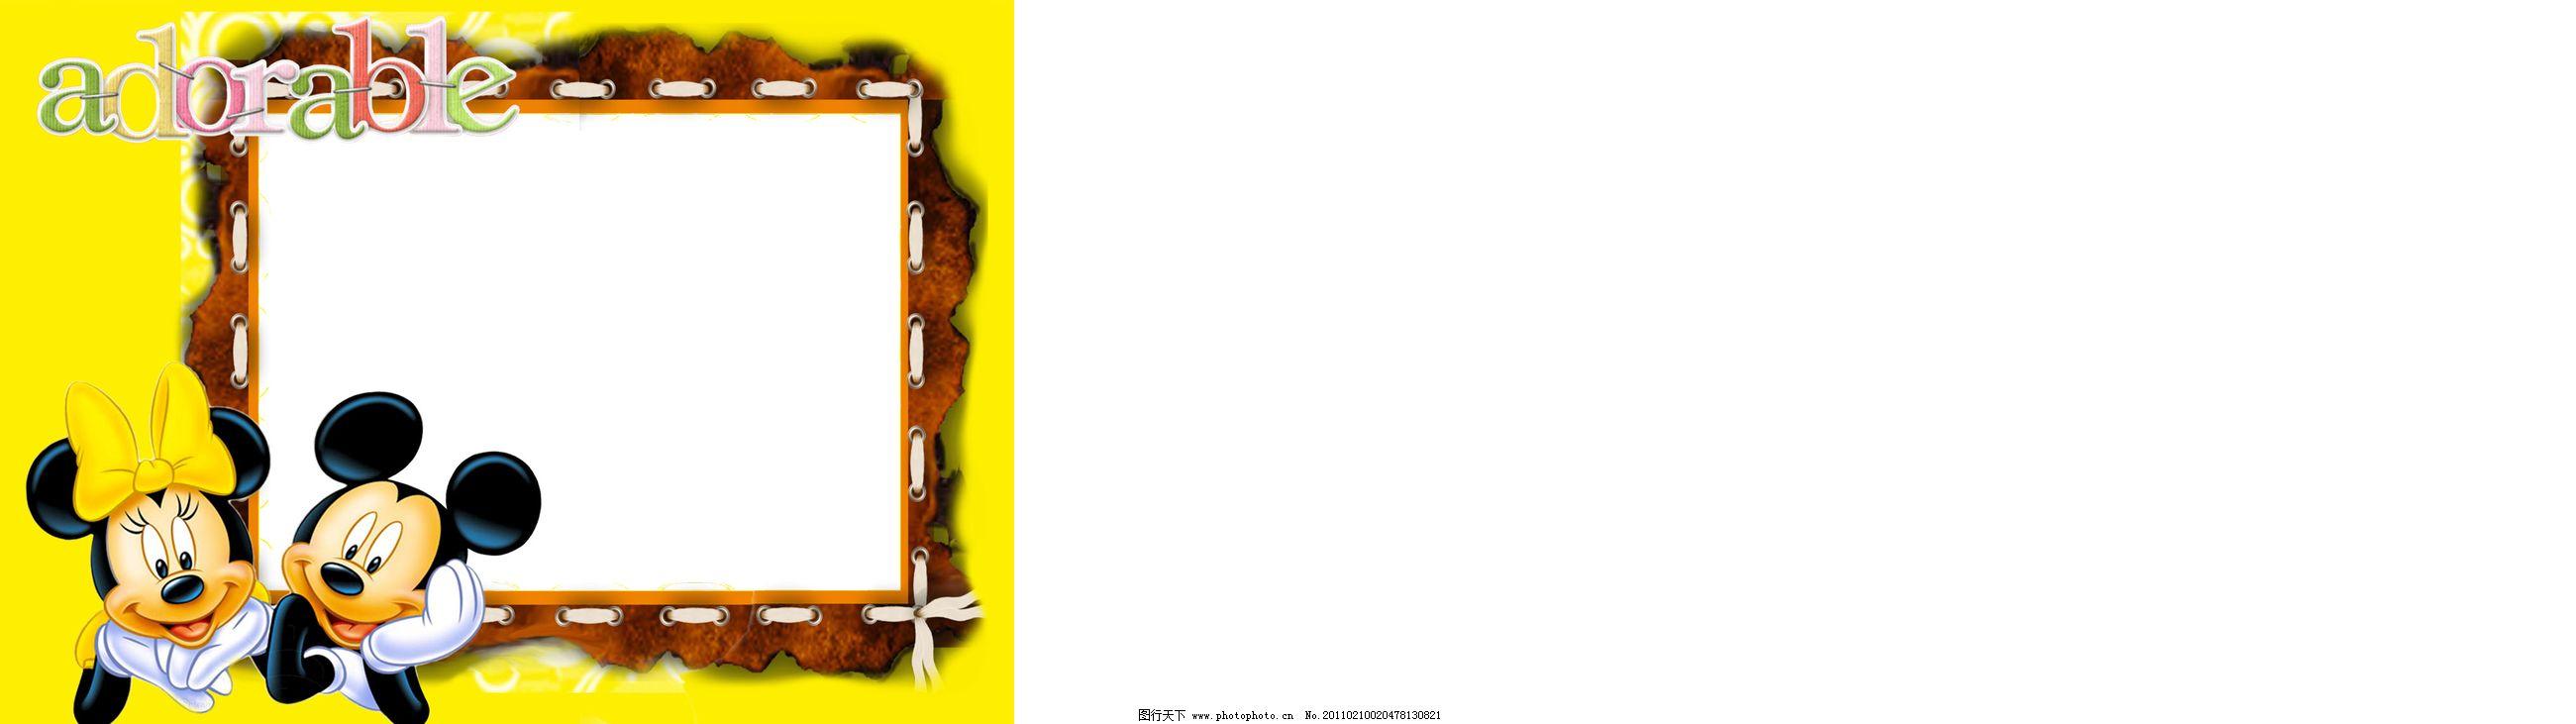 可爱的米老鼠相框 米老鼠 相框 可爱 卡通 边框相框 底纹边框 设计